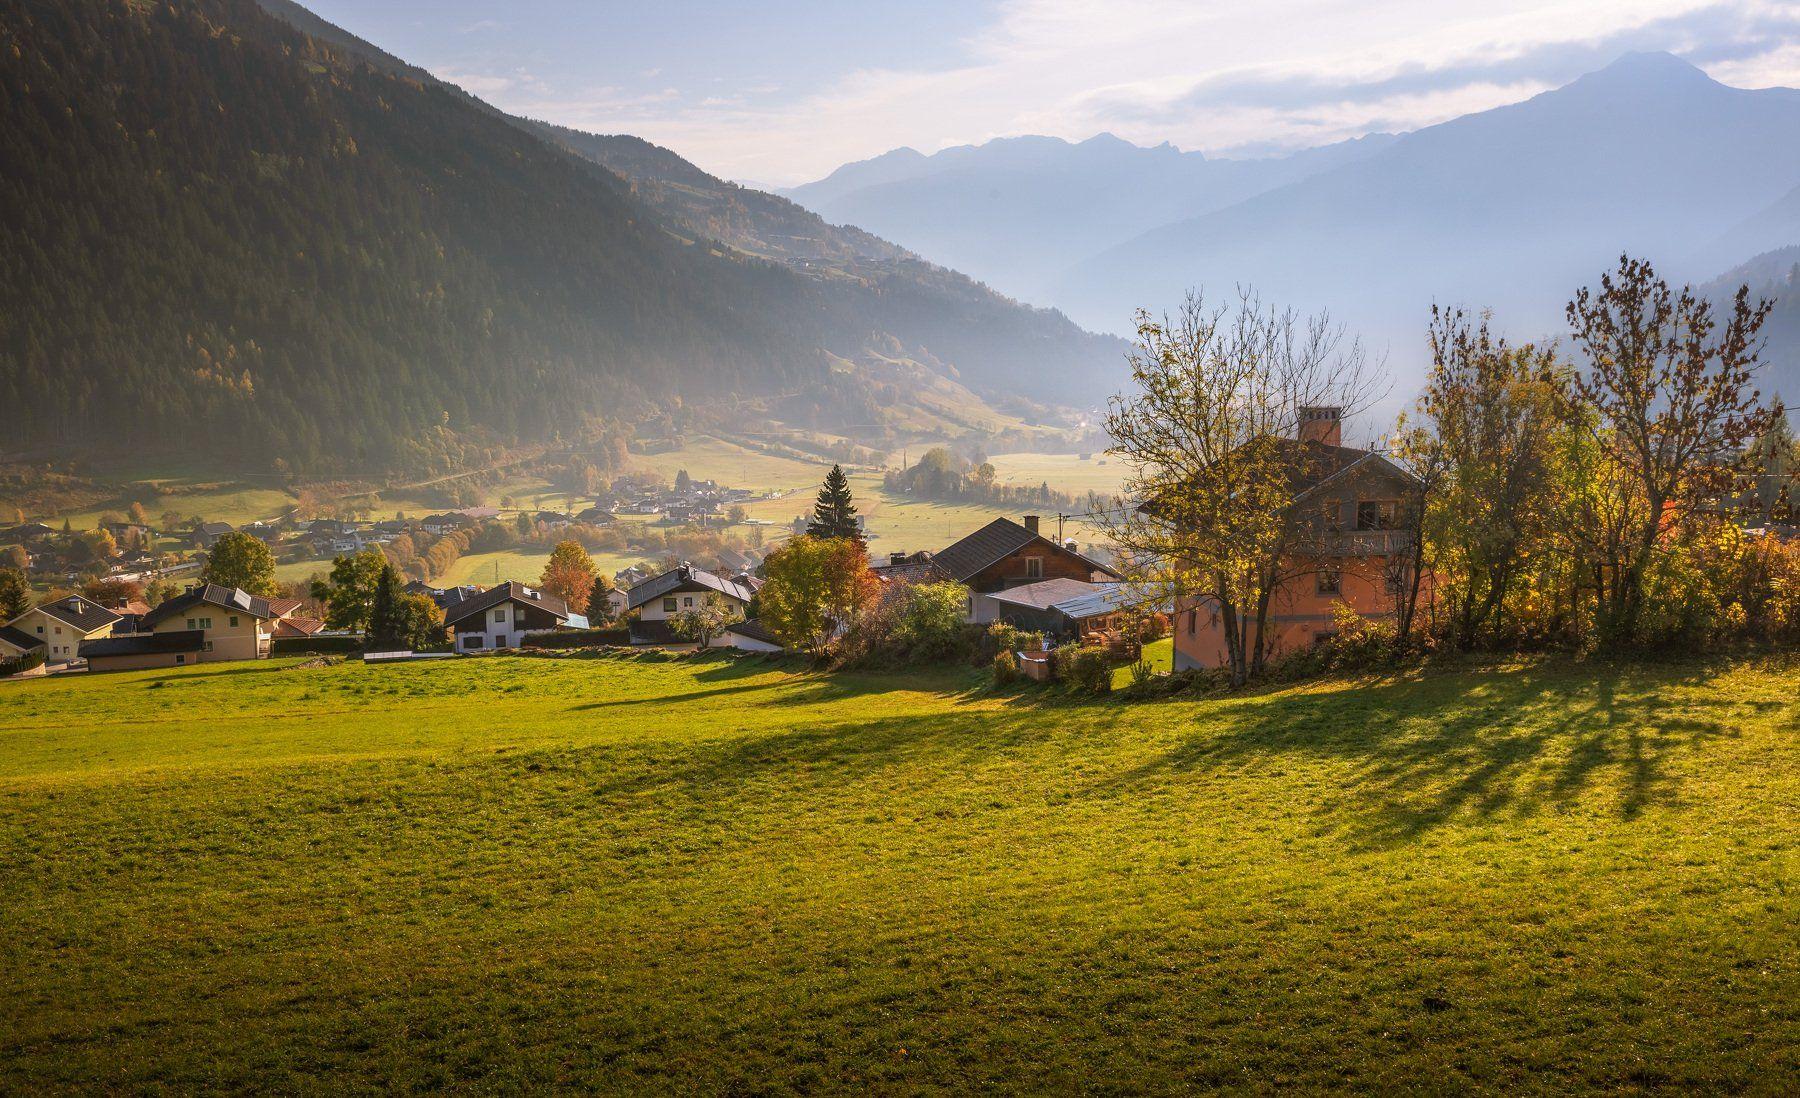 австрия, альпы, деревня, долина, горы, утро,,  Marat Max (Марат Макс)